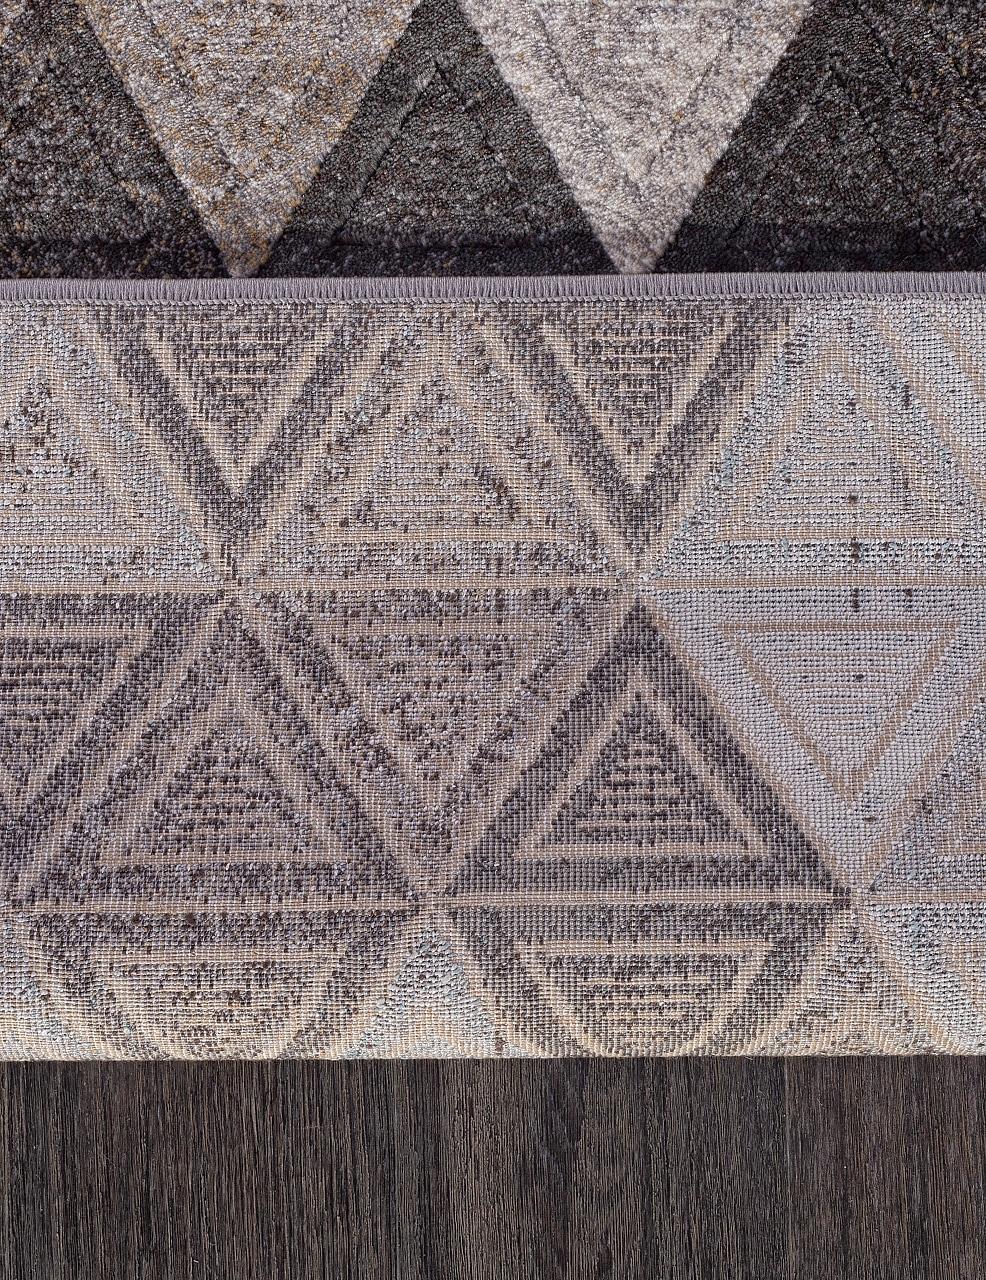 Ковер D578 - GRAY-BROWN - Прямоугольник - коллекция MATRIX - фото 5